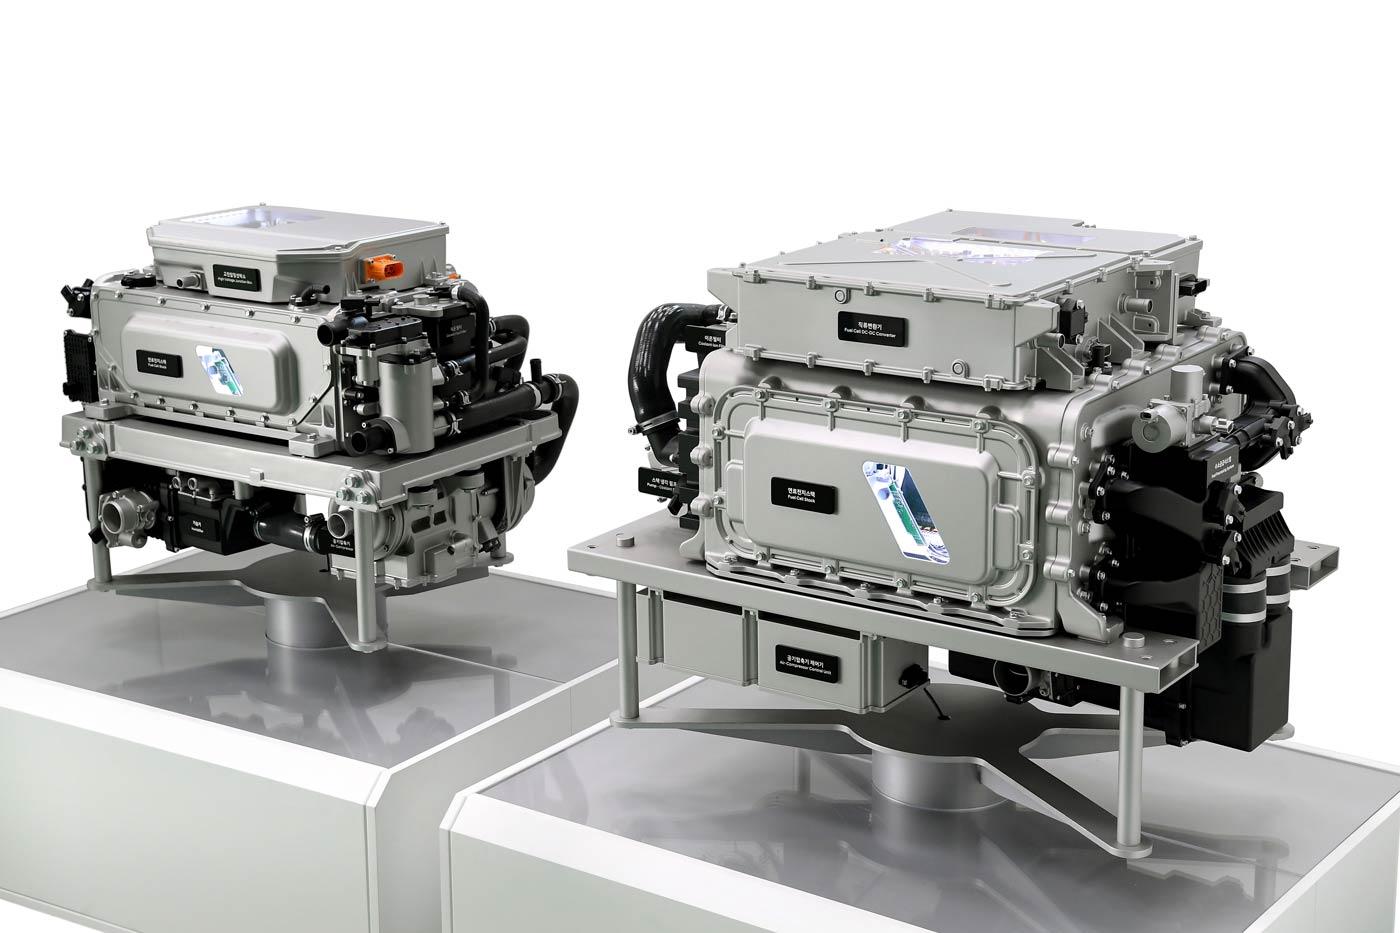 Hydrogène : Hyundai annonce une nouvelle génération de piles à combustible pour 2023